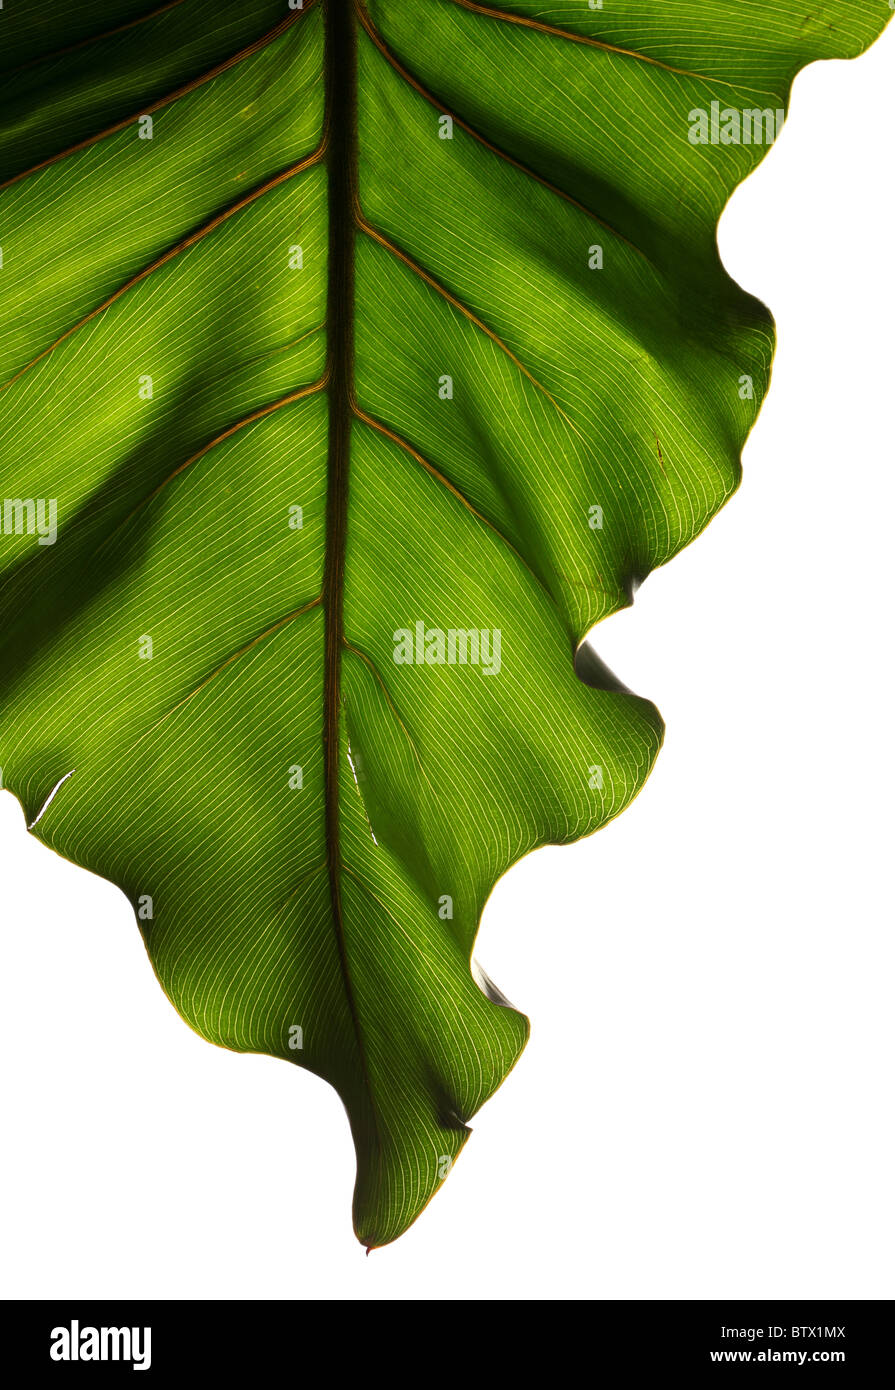 Planta verde hoja con fuerte estructura sobre un fondo blanco. Imagen De Stock